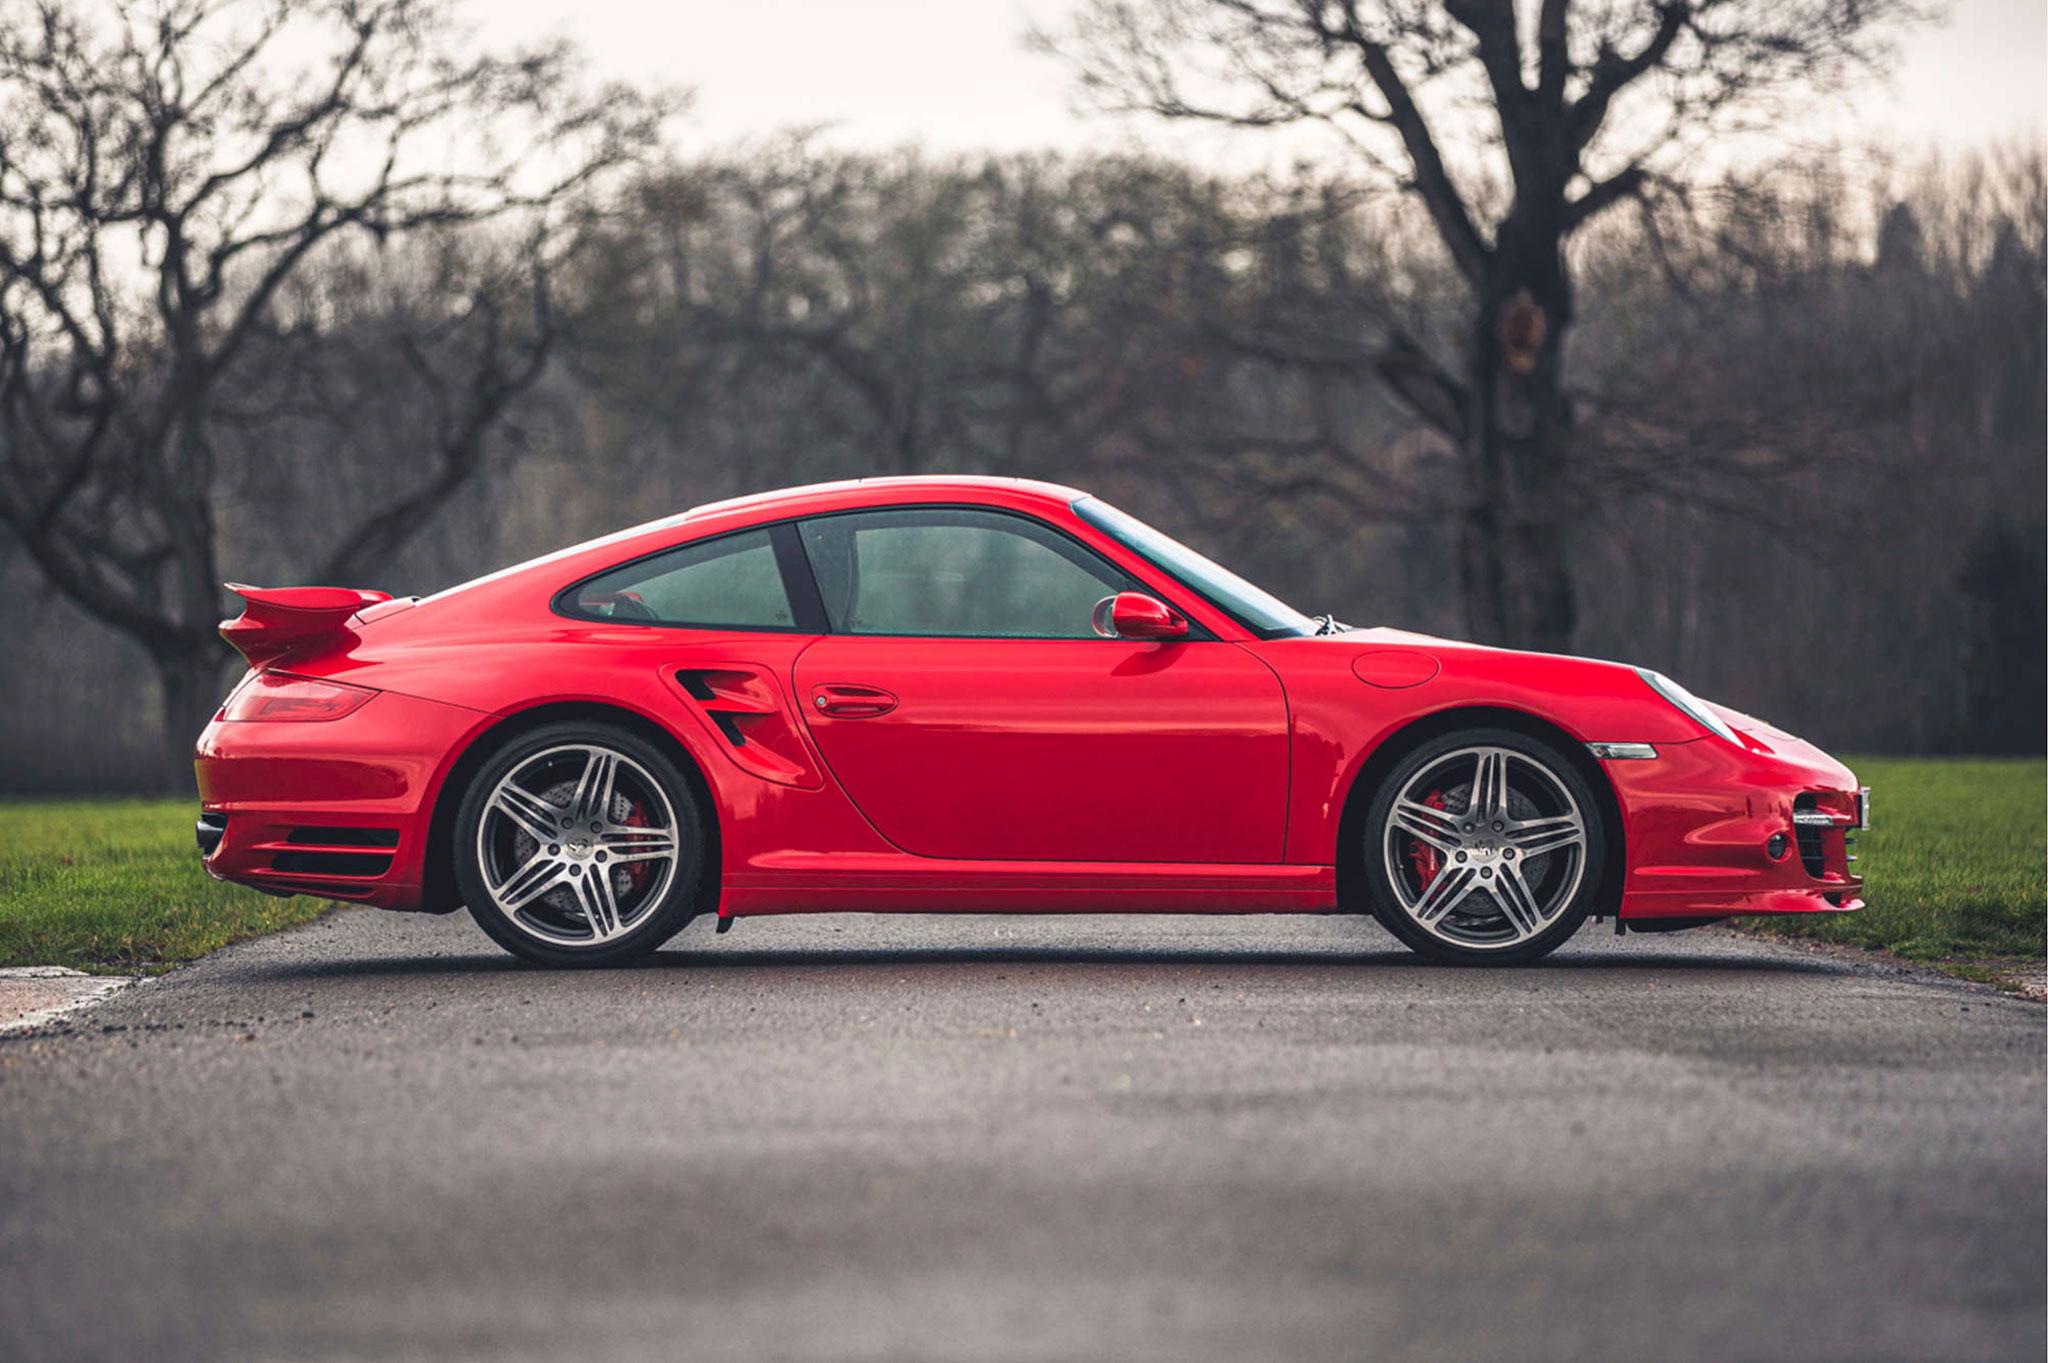 2008 Porsche 911 997 Turbo - £66,375 - Silverstone Auction mars 2021.